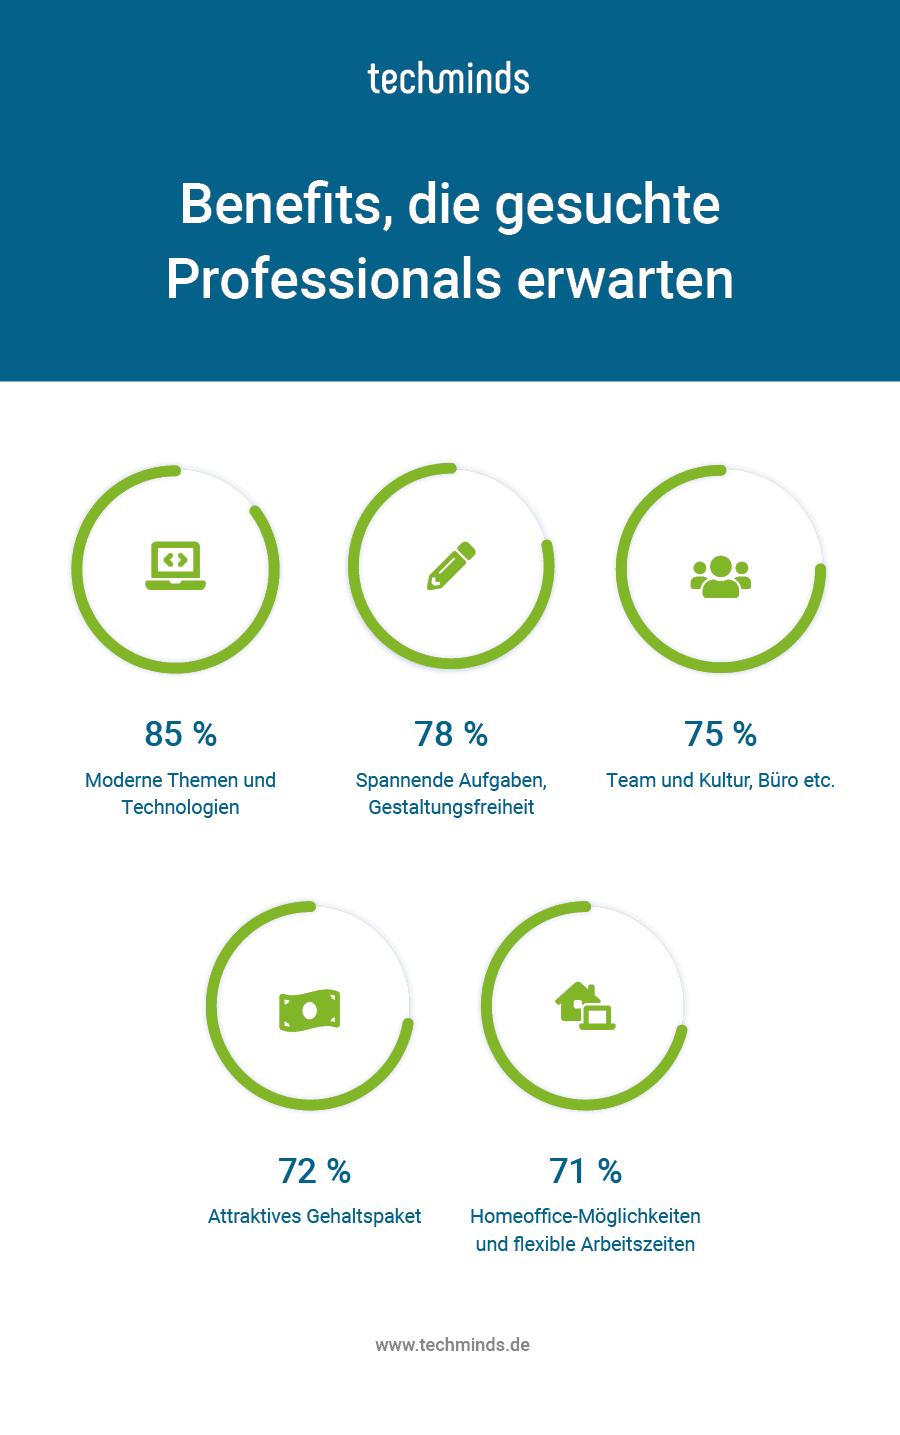 Benefits, die für gesuchte Professionals attraktiv sind (Quelle: techminds.de)